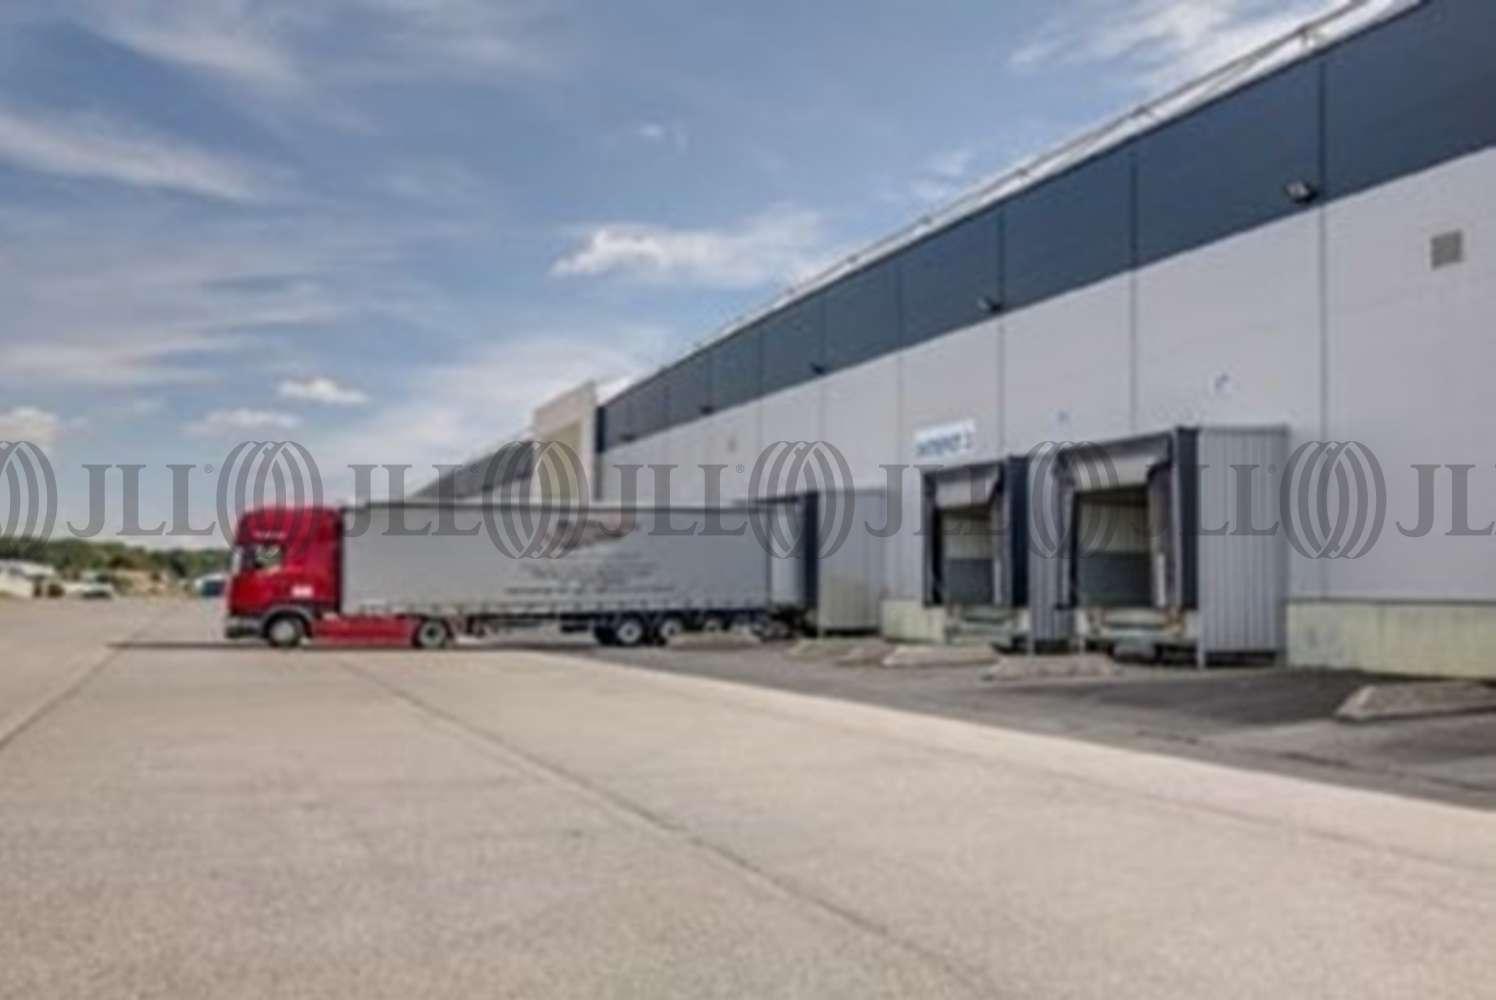 Plateformes logistiques Toul, 54200 - ZI CROIX DE METZ